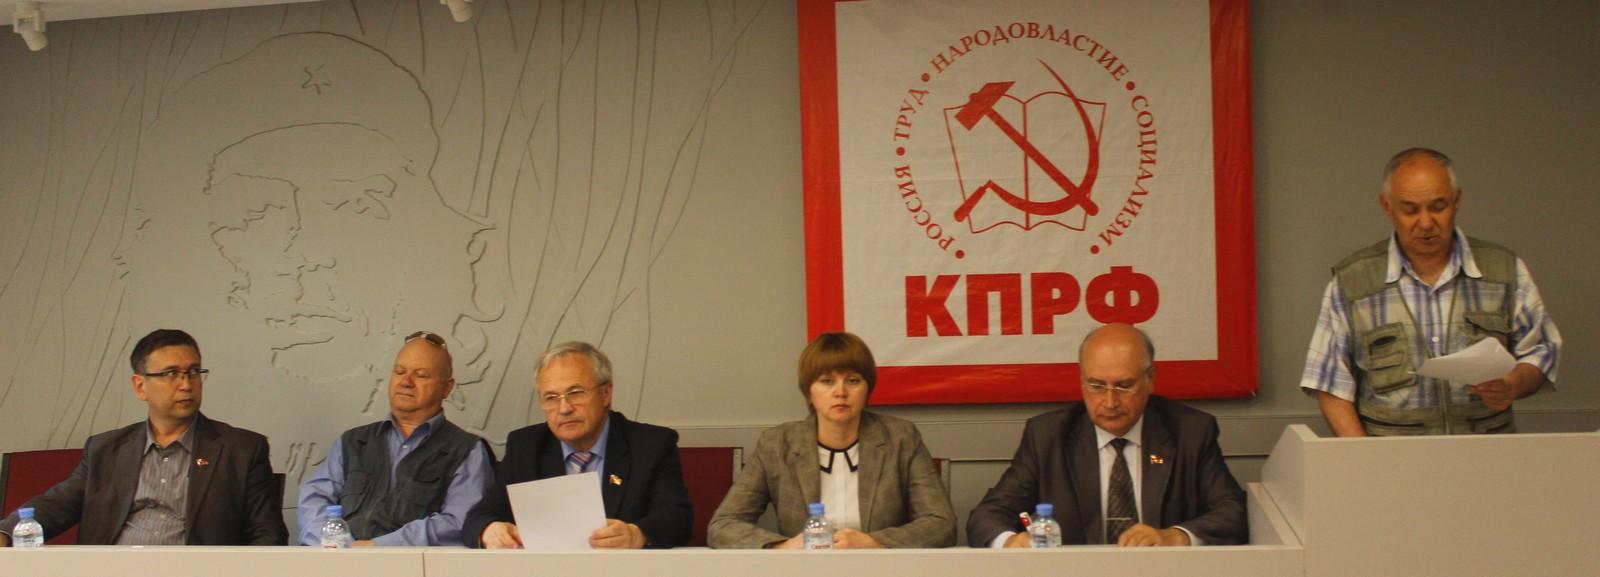 Член счётной комиссии М.А.Боков докладывает о результатах тайного голосования